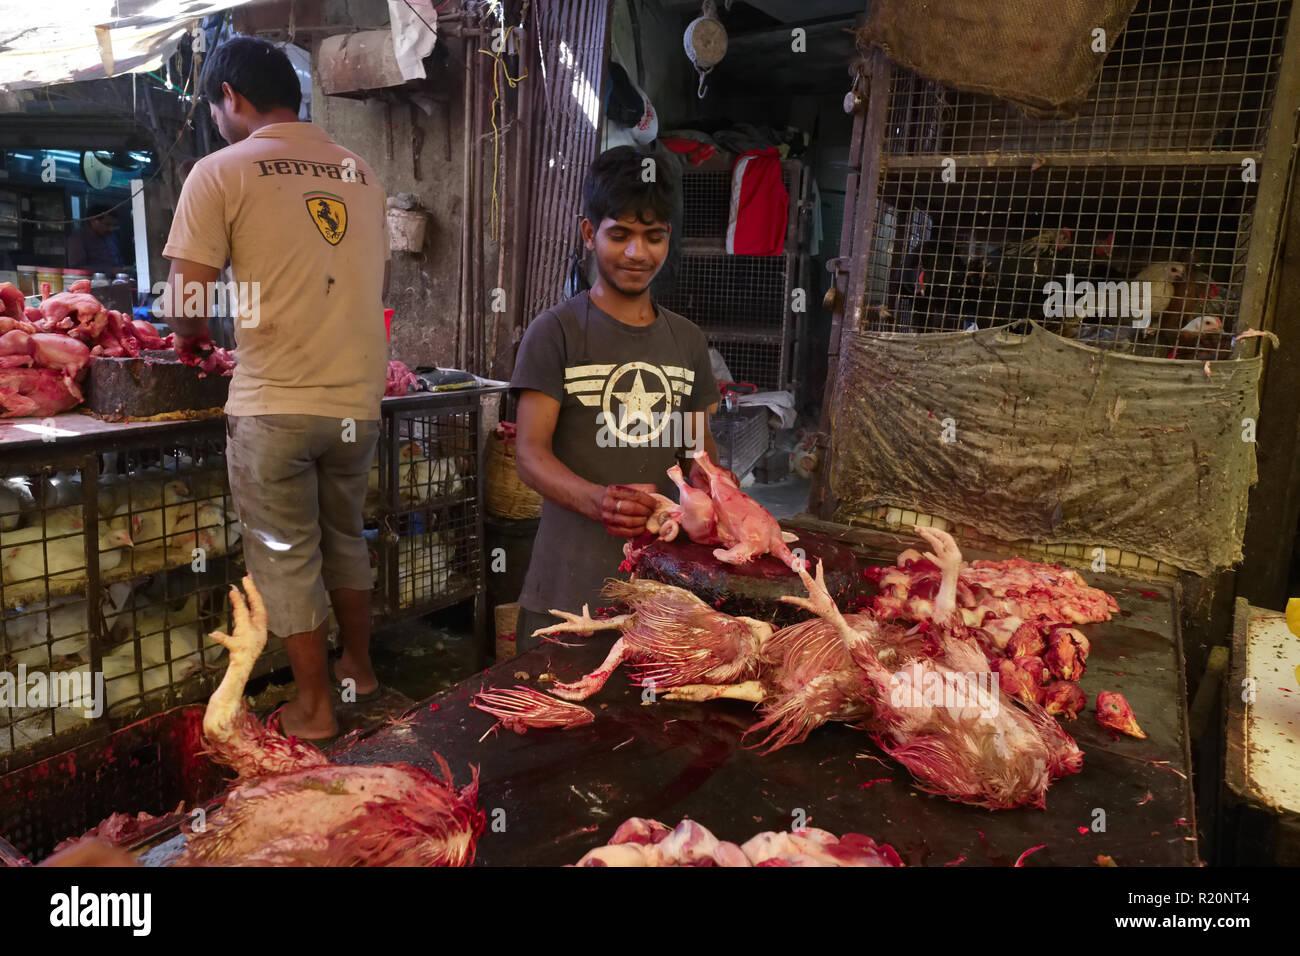 In einem Schlachthof in Null Bazar, Mumbai, Indien, die Tiere getötet und in einer zufälligen, grausame und unhygienischen Weise verarbeitet Stockbild